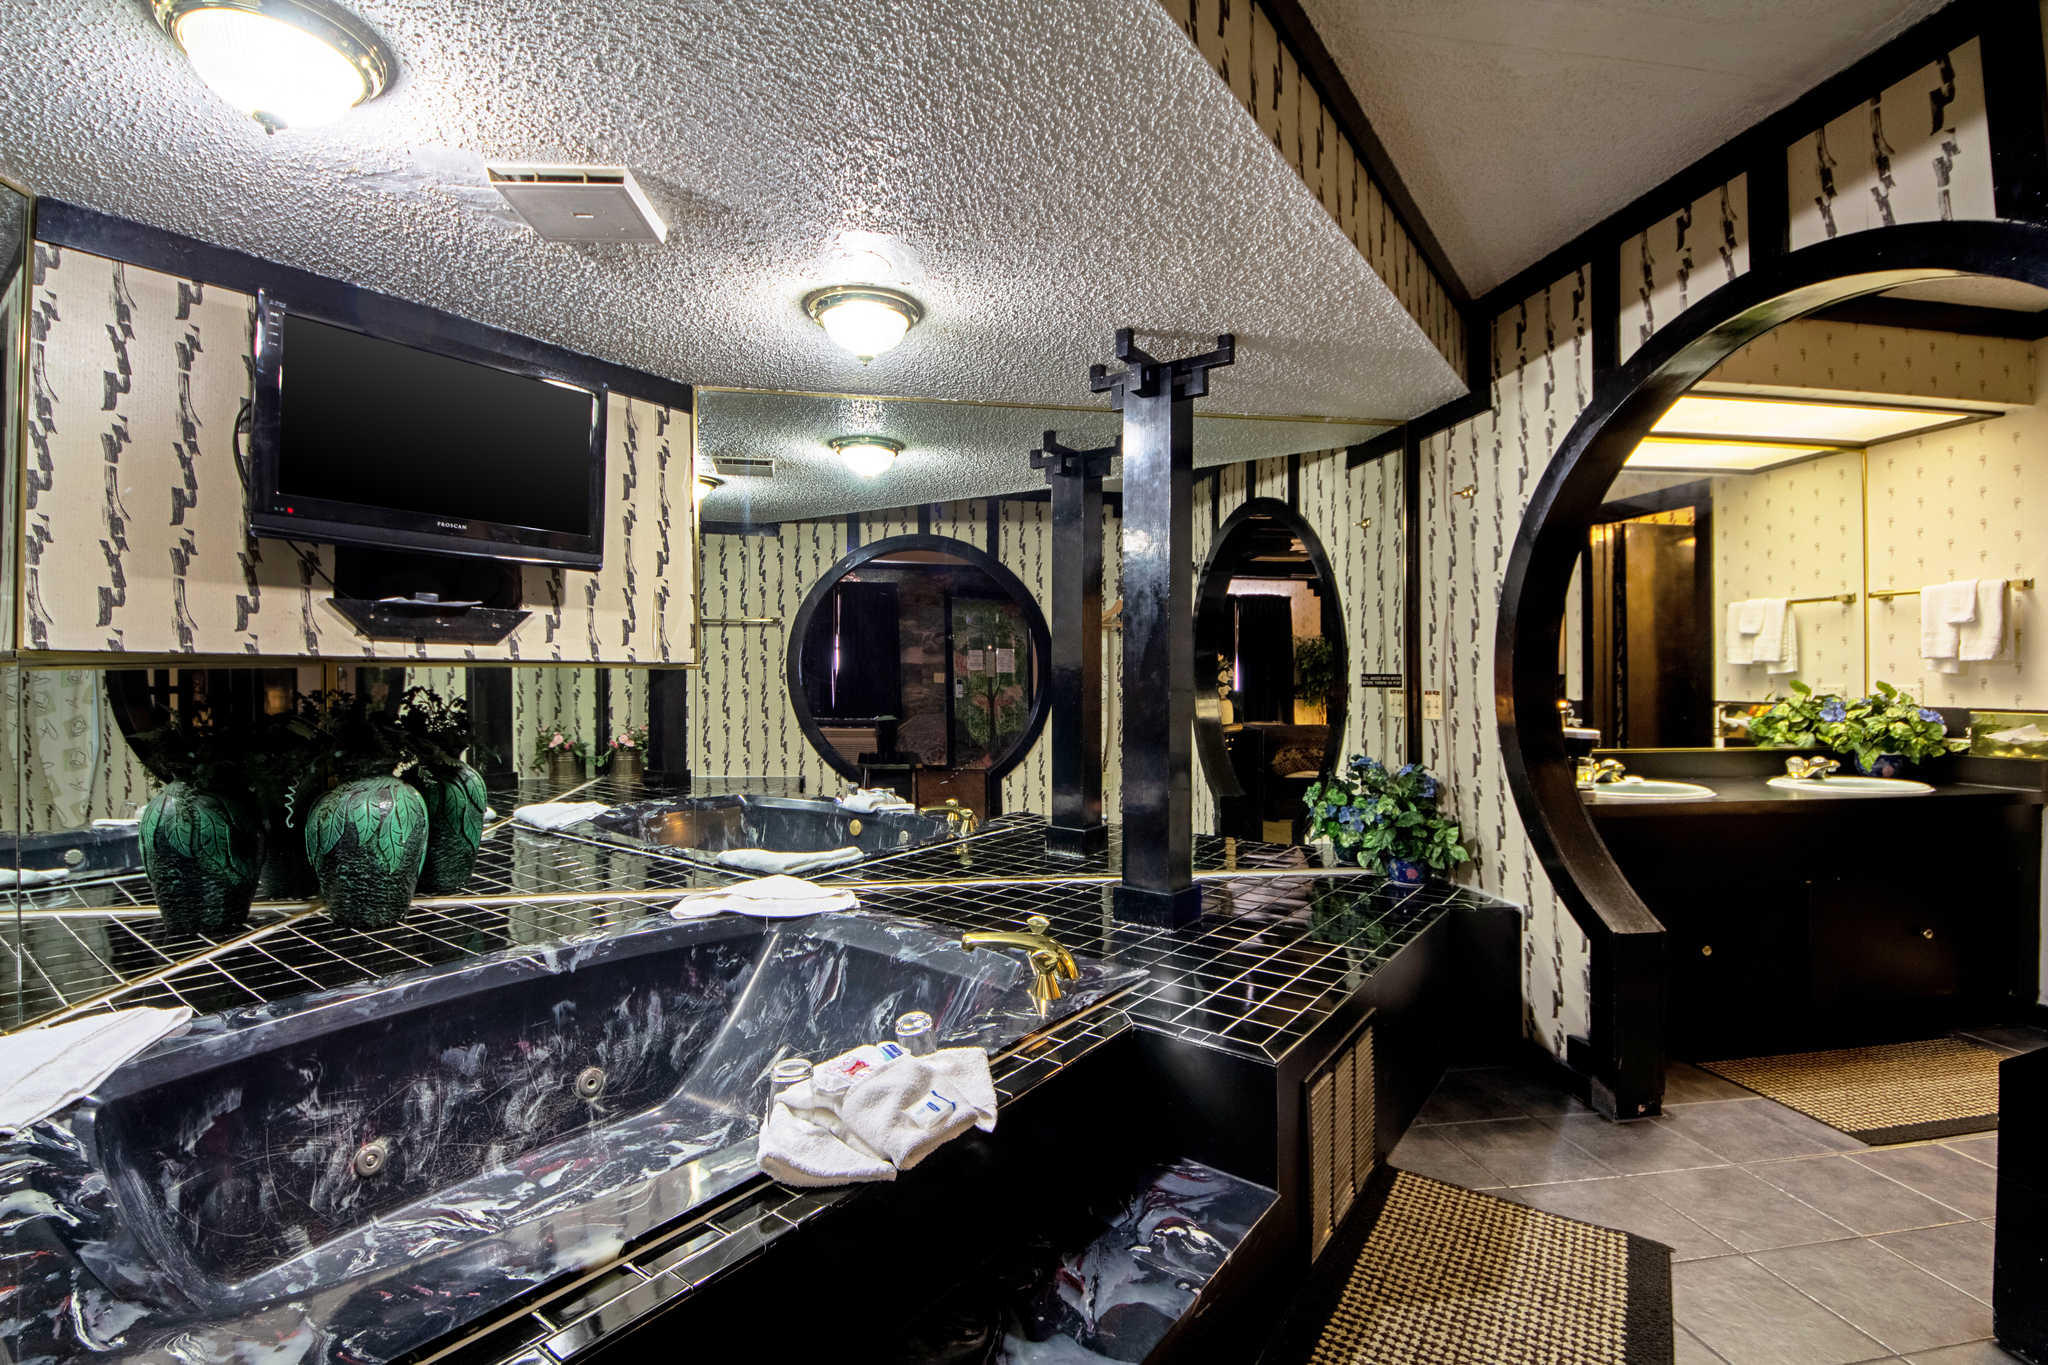 Rodeway Inn & Suites image 48